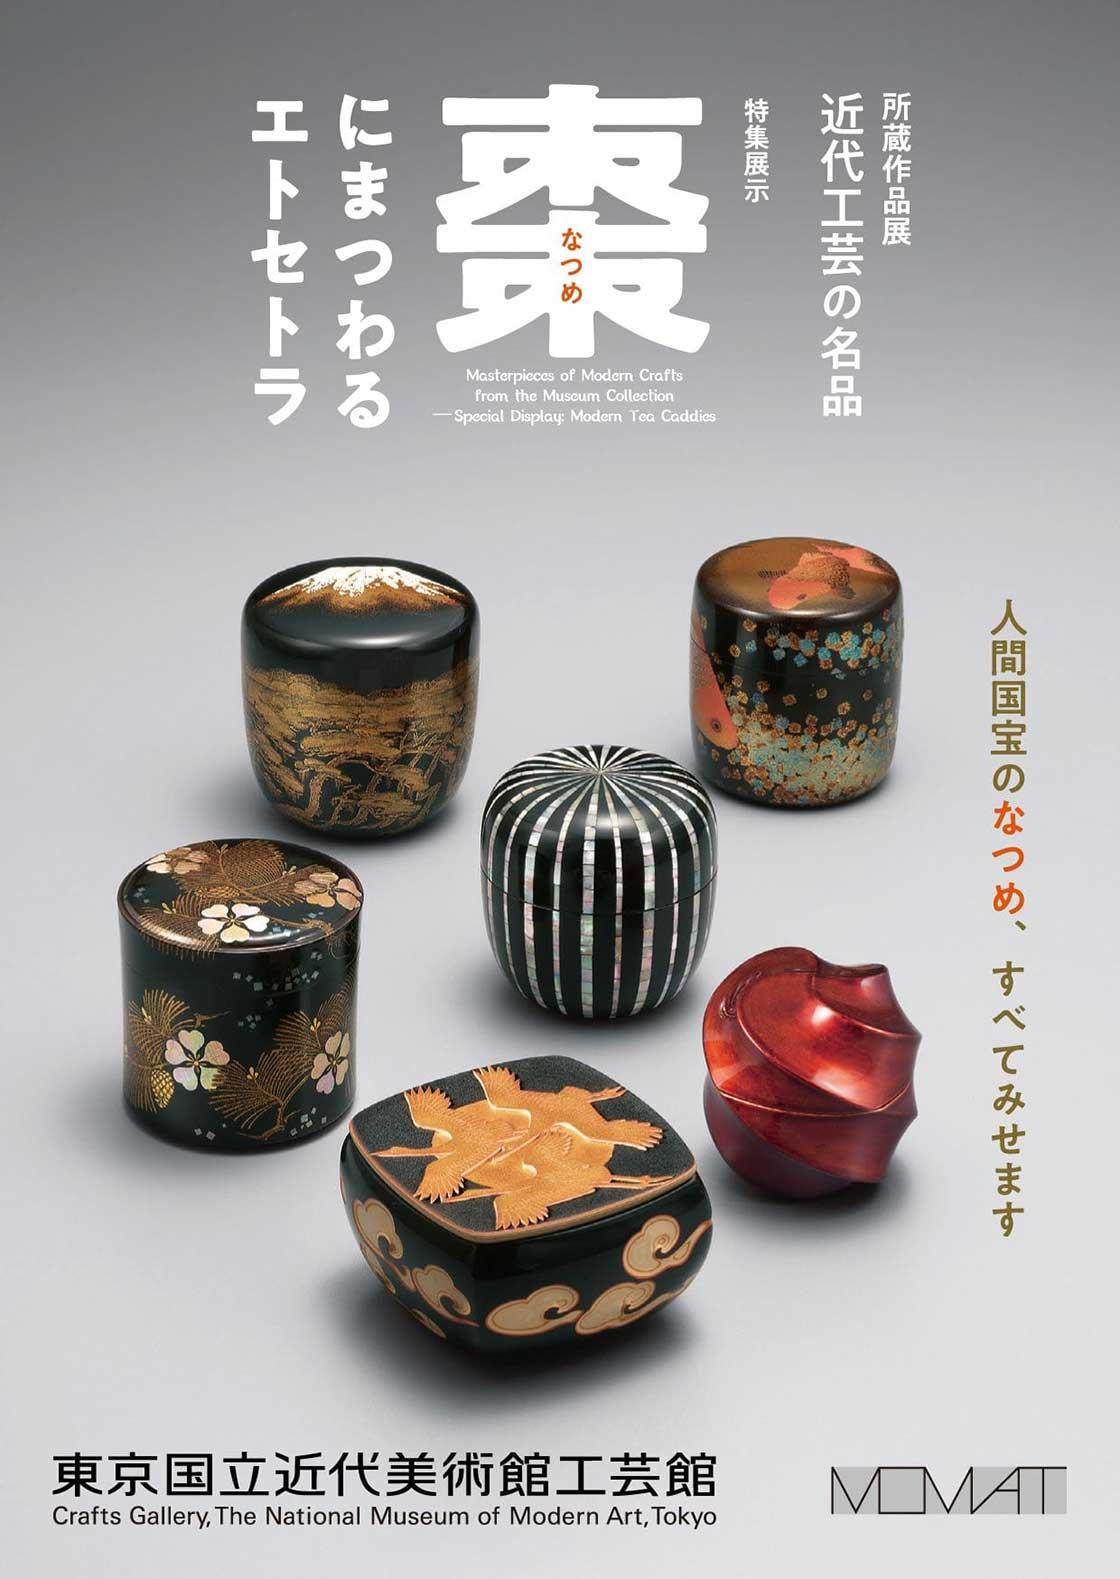 「所蔵作品展近代工芸の名品– [特集展示] 棗にまつわるエトセトラ」メインビジュアル